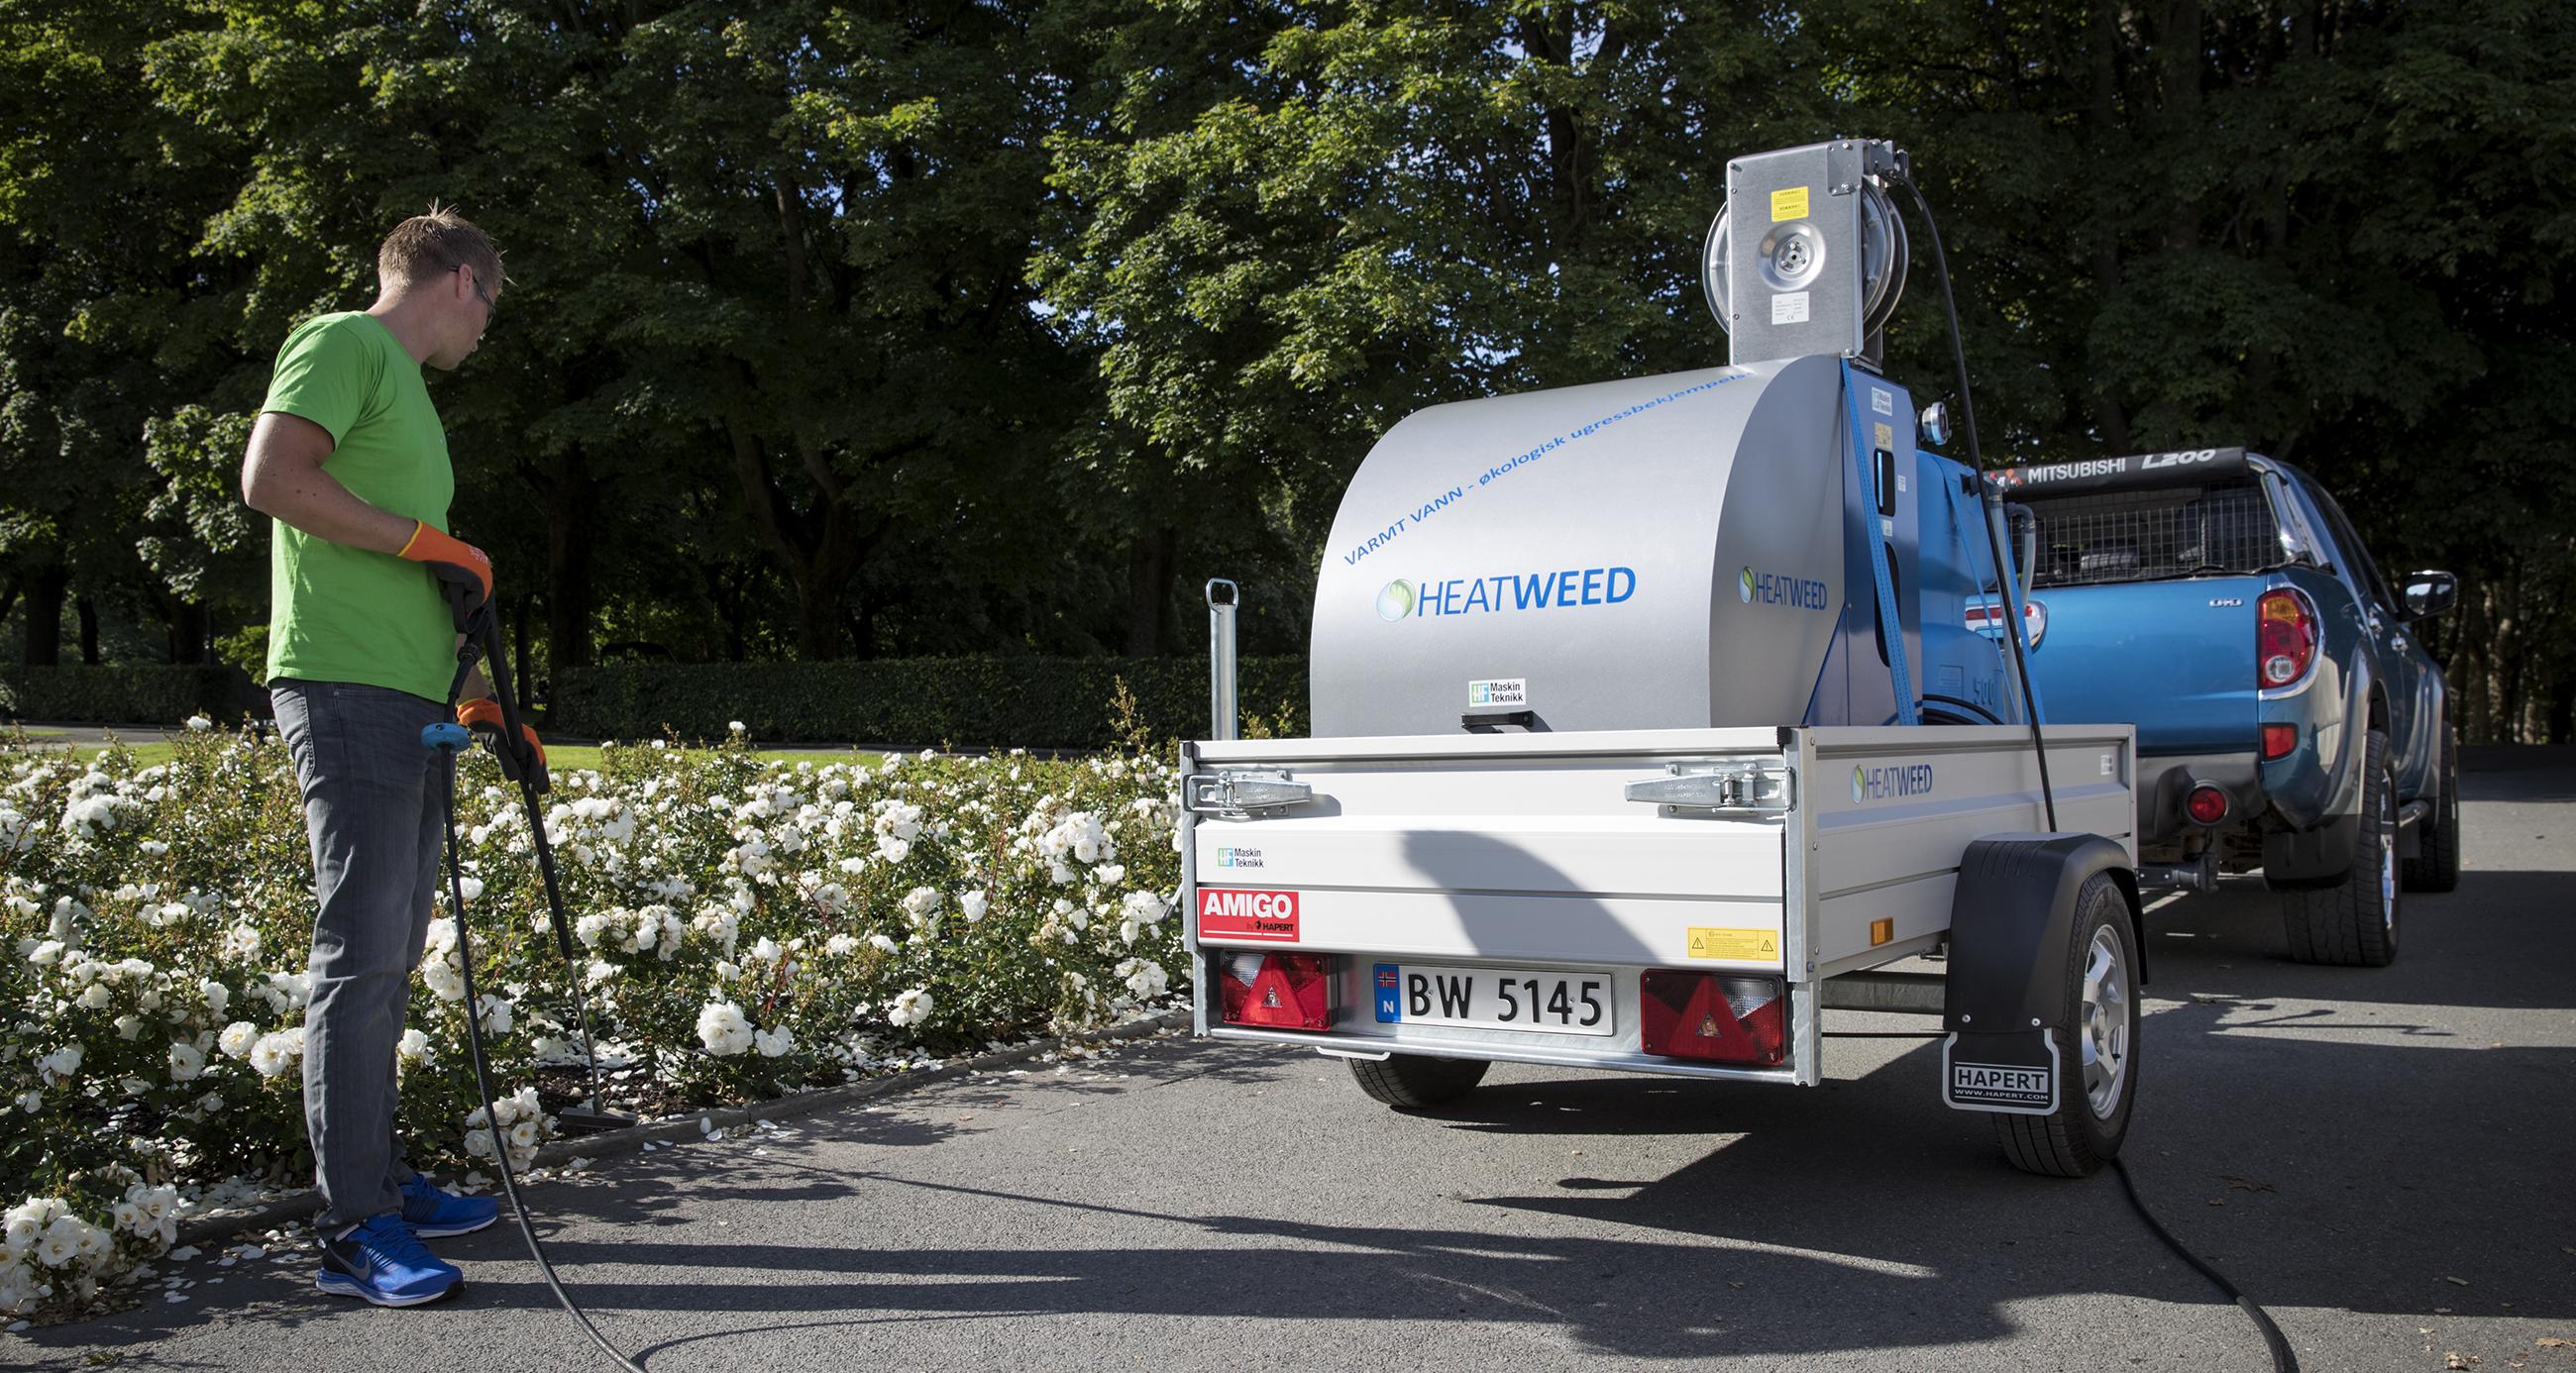 Významná prezentácia spoločnosti KONNEX  s.r.o. so strojom HEATWEED na Bratislavskom hrade.